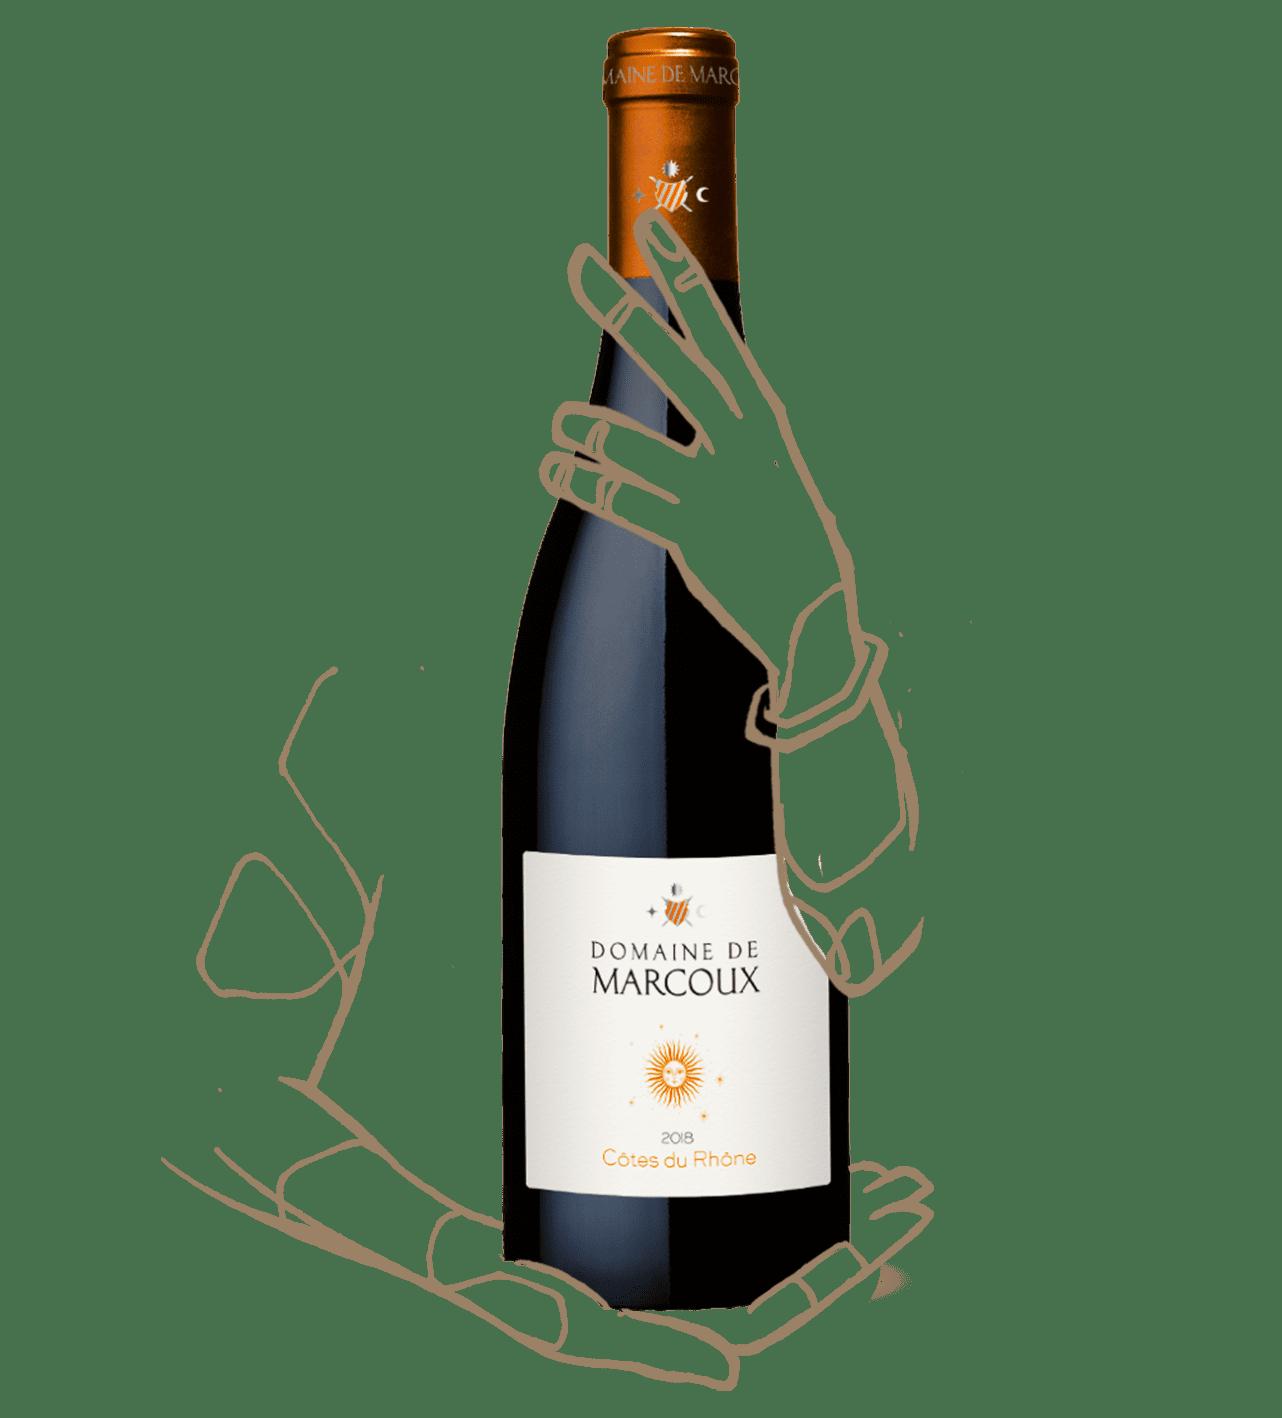 un côte du rhone du domaine marcoux, un vin rouge naturel